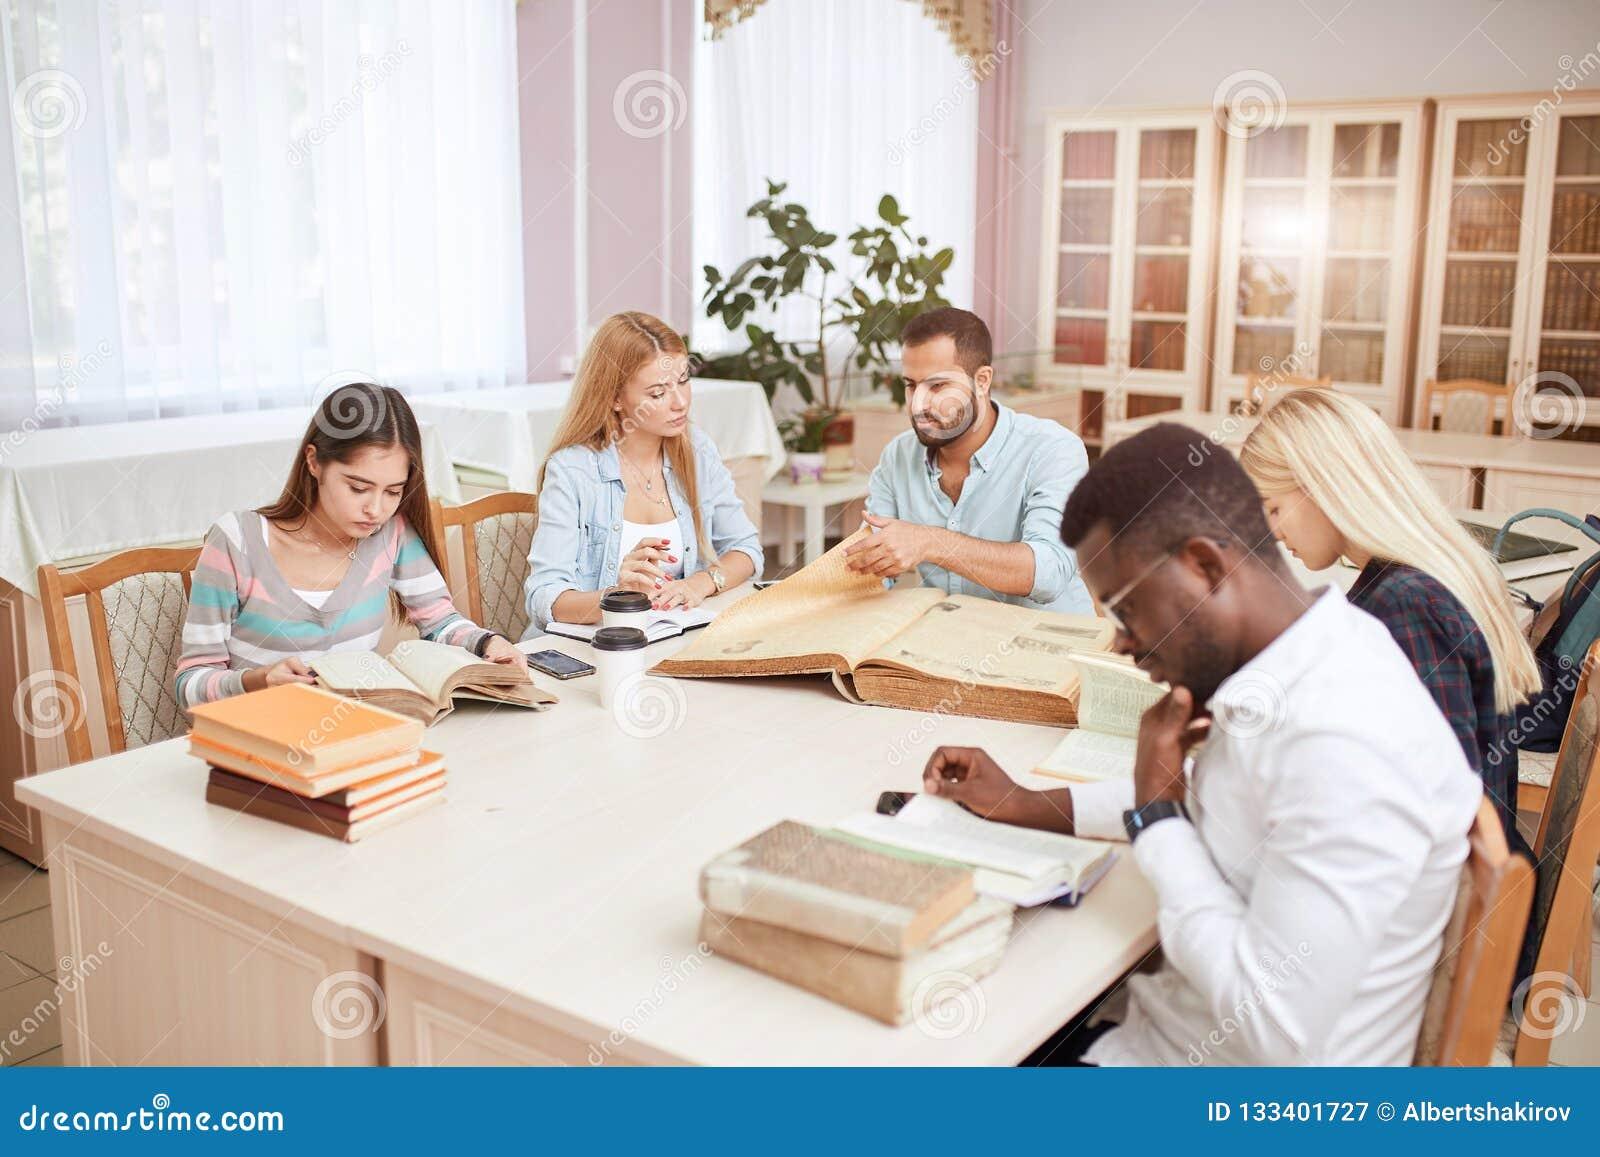 学习与书的小组多种族人民在大学图书馆里